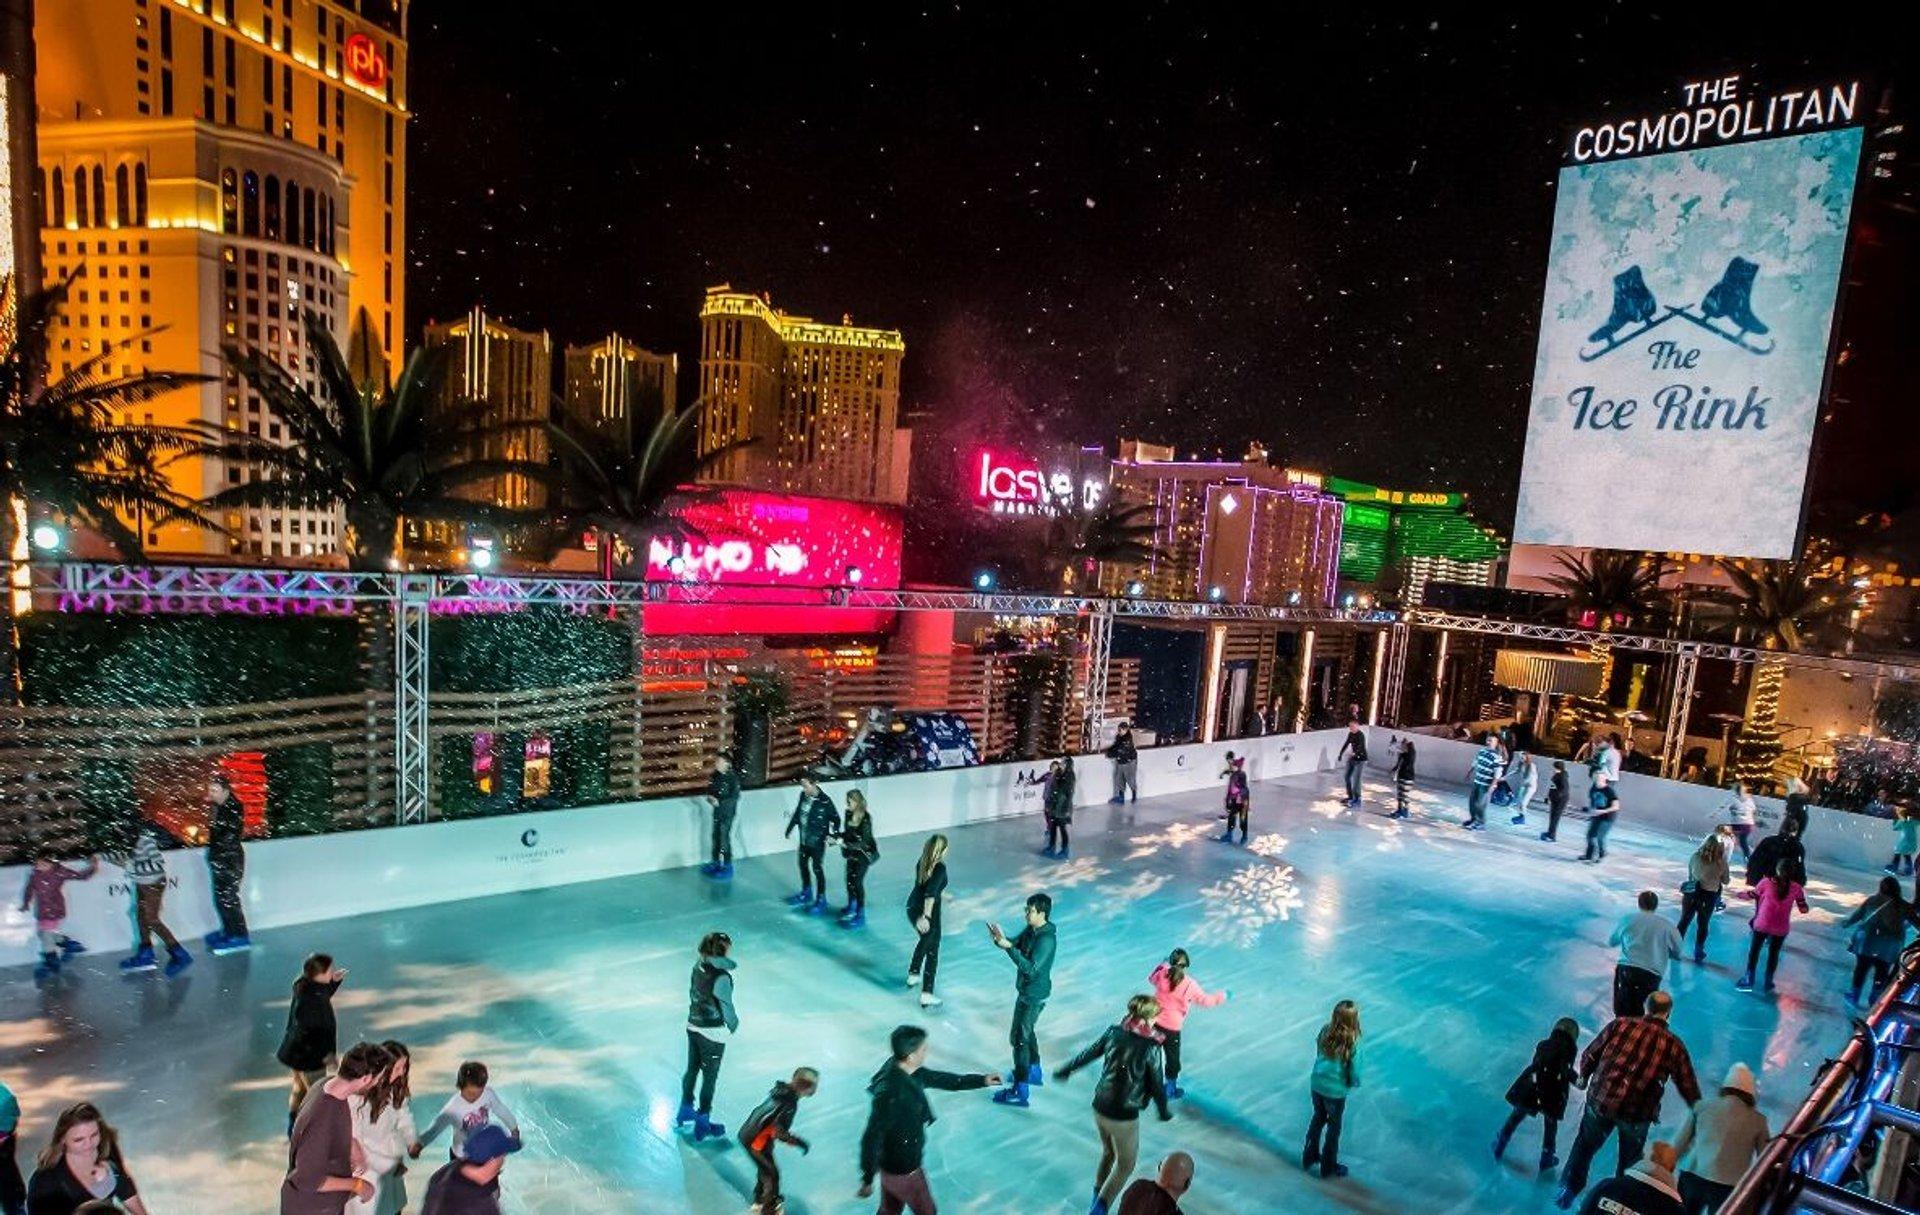 Ice Rink at the Cosmopolitan in Las Vegas - Best Season 2020